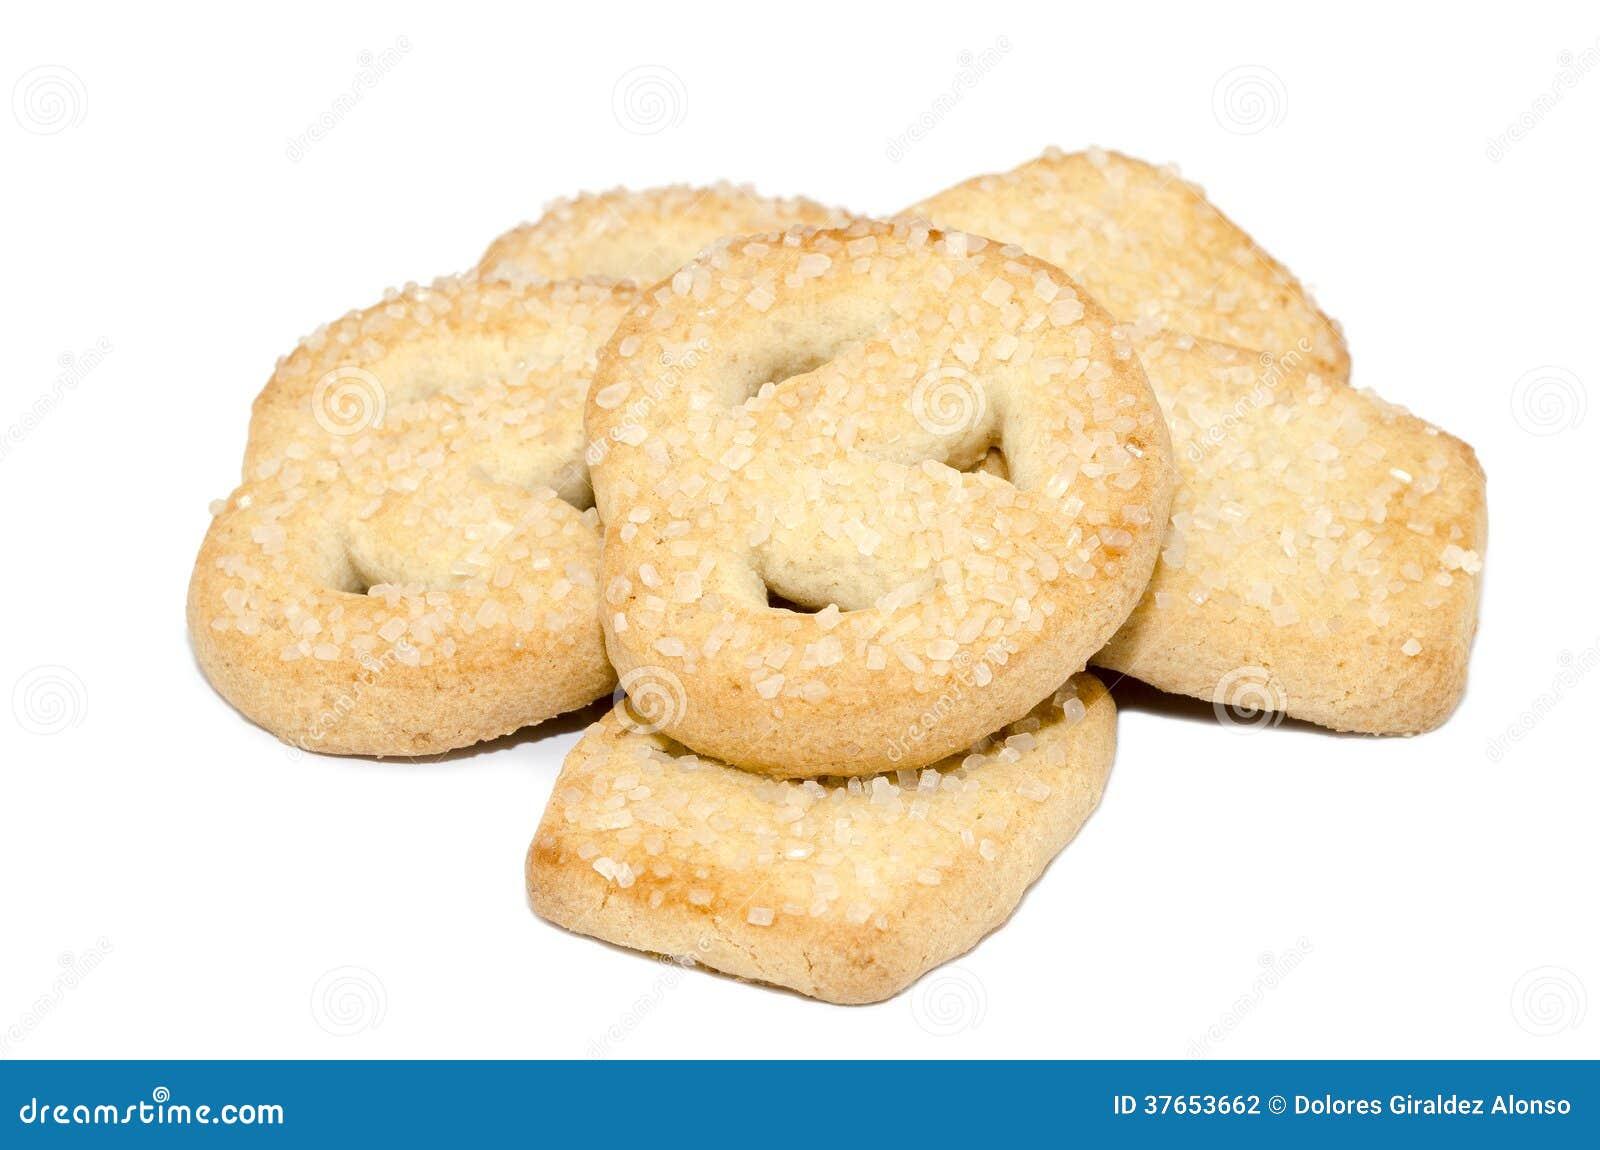 Biscuits de beurre